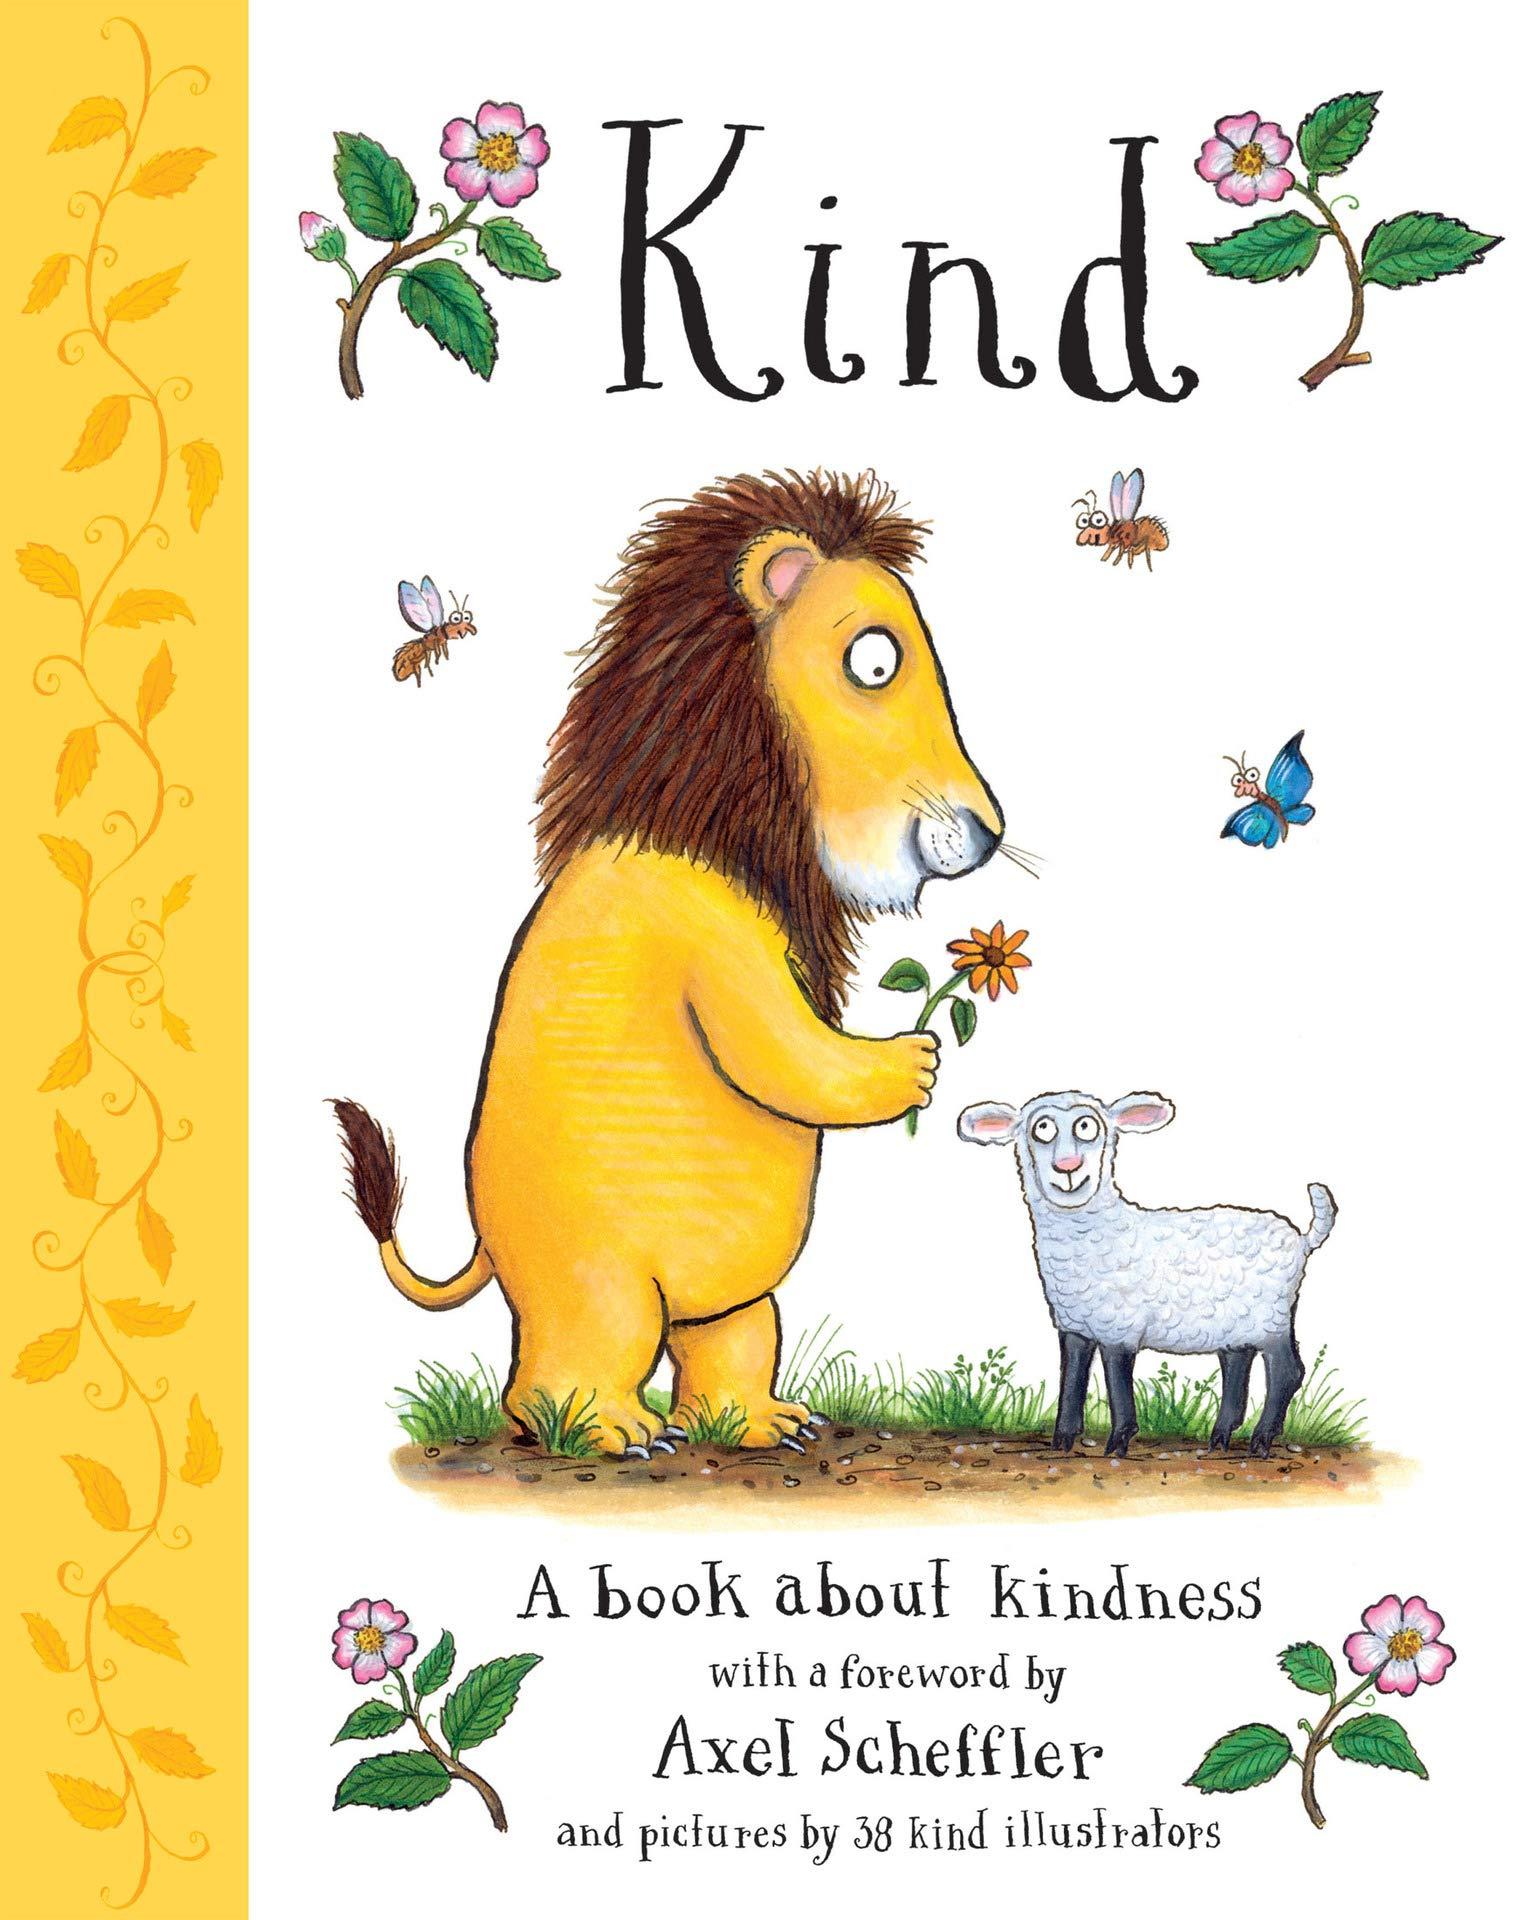 Kind: Amazon.co.uk: Green, Alison: Books